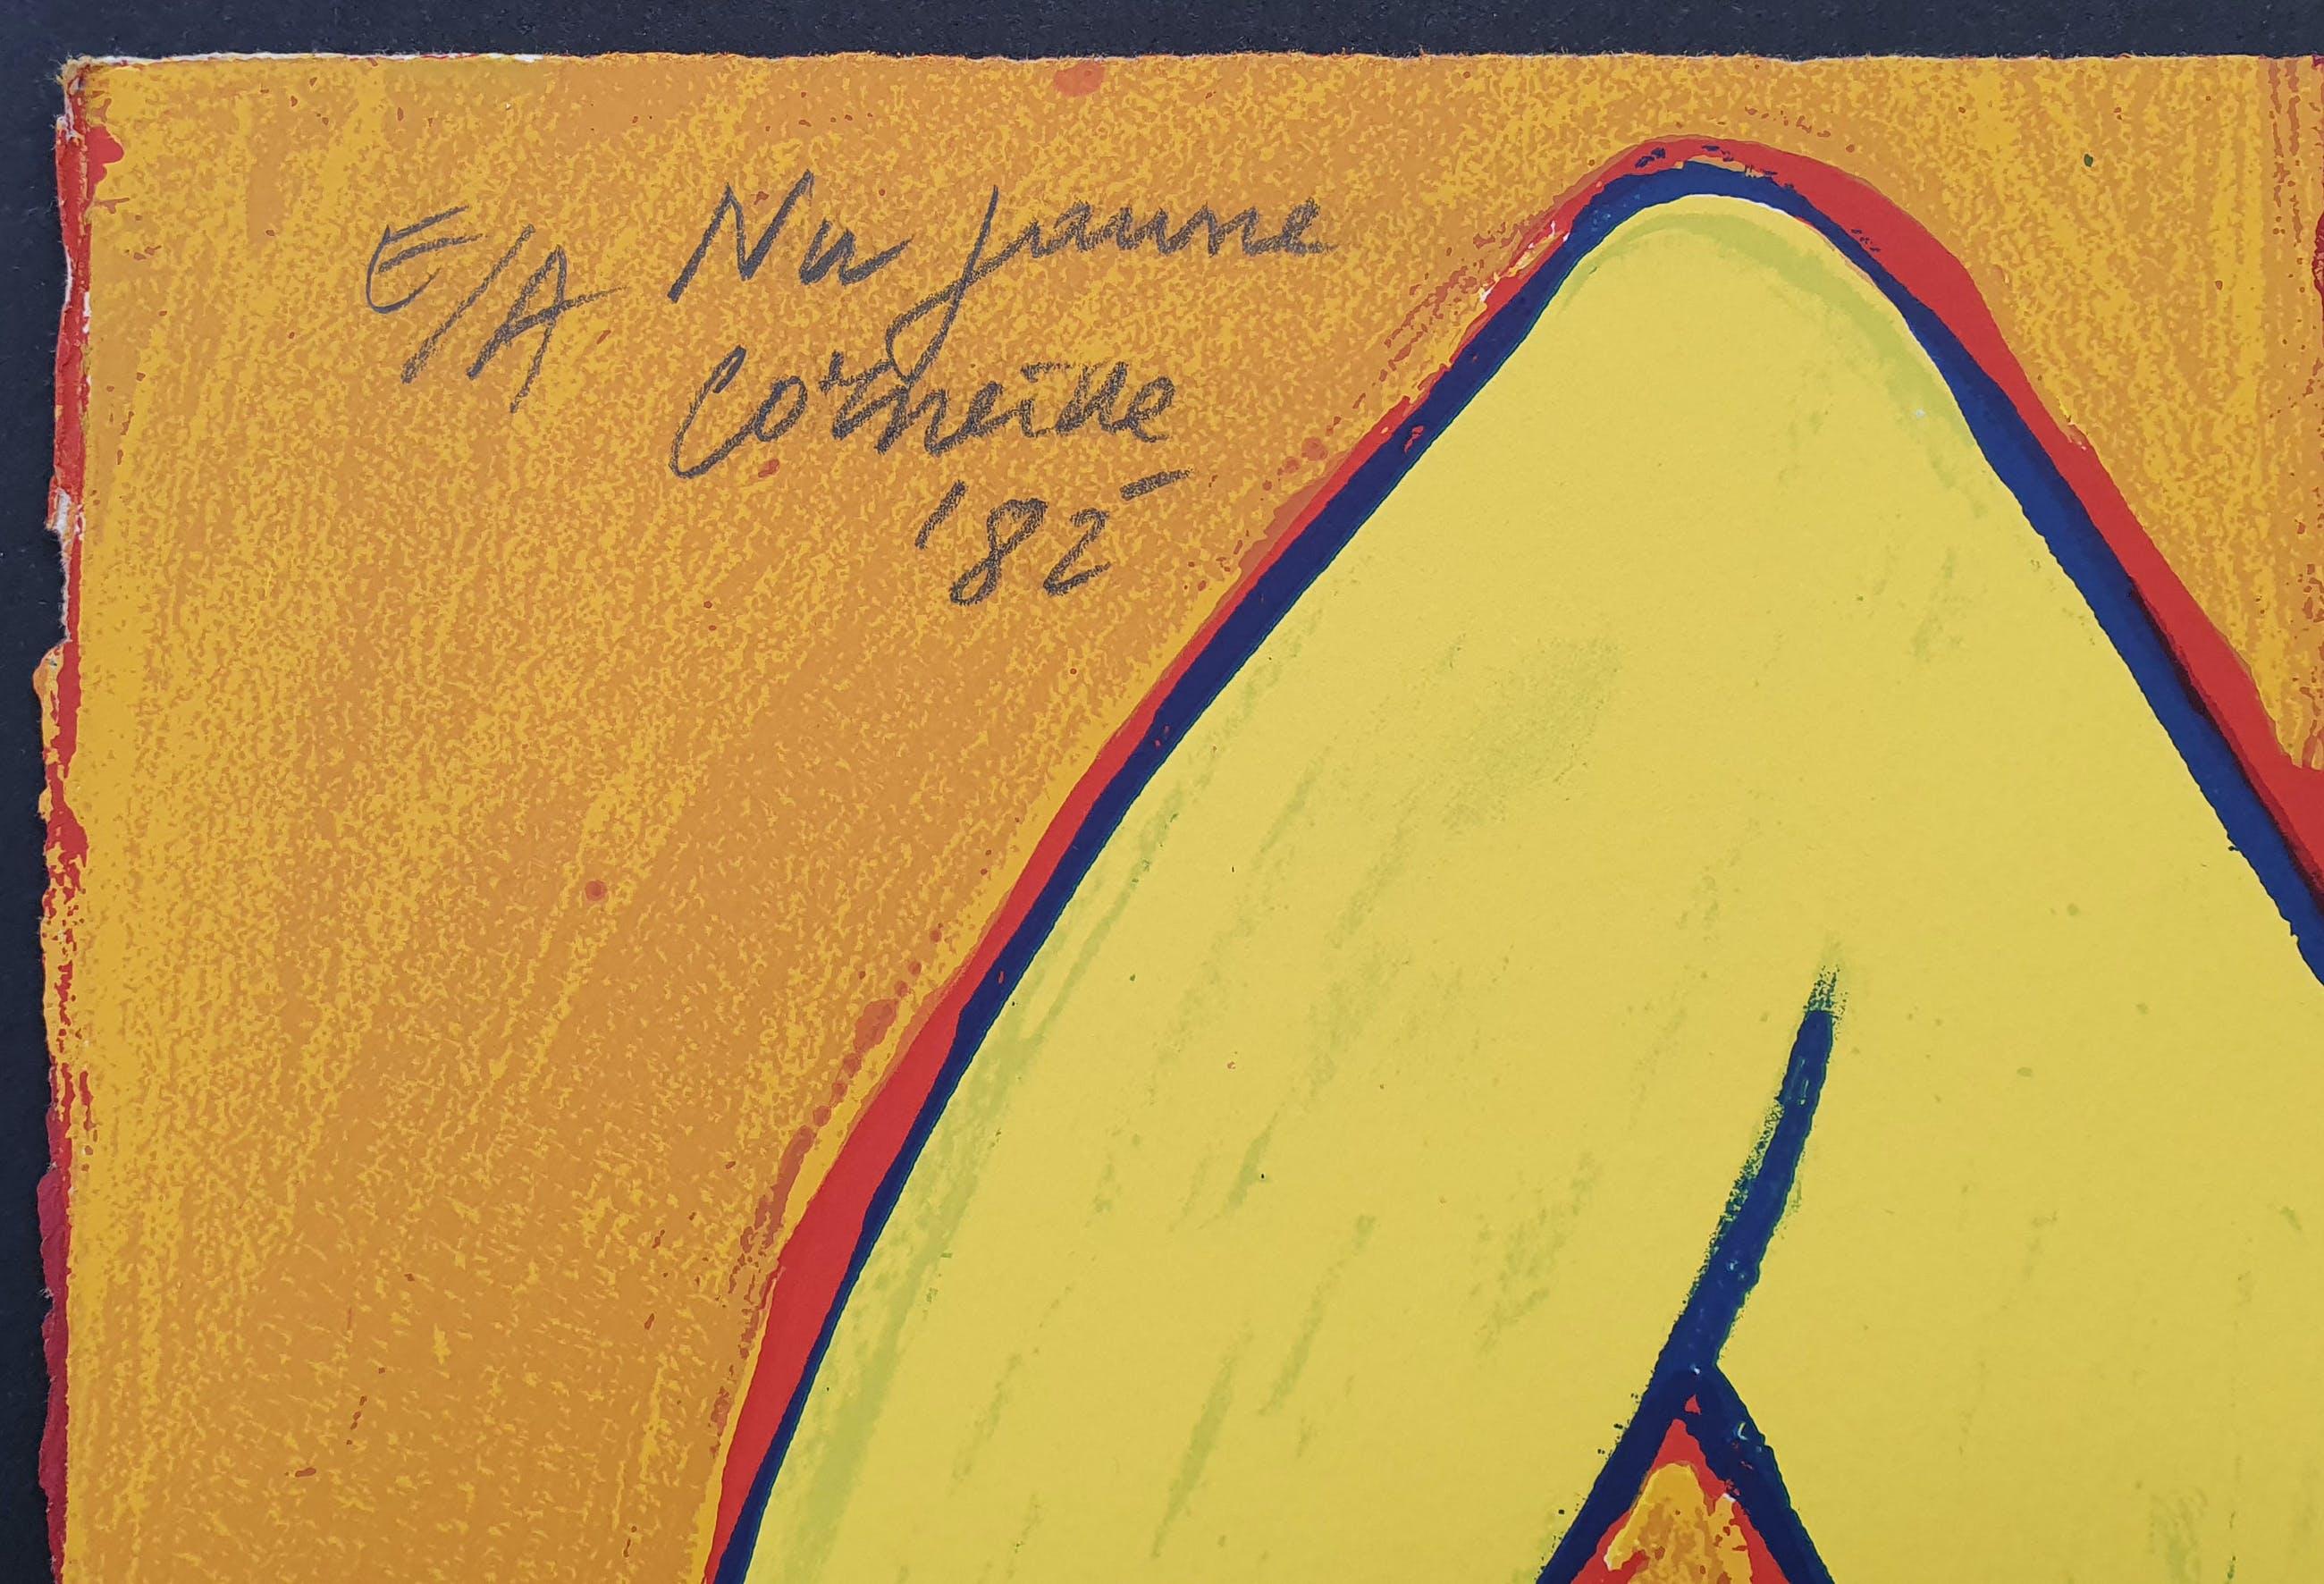 Corneille - 'Nu jaune (Natacha)' - Groot - Imposant ingelijst (nieuw) kopen? Bied vanaf 670!